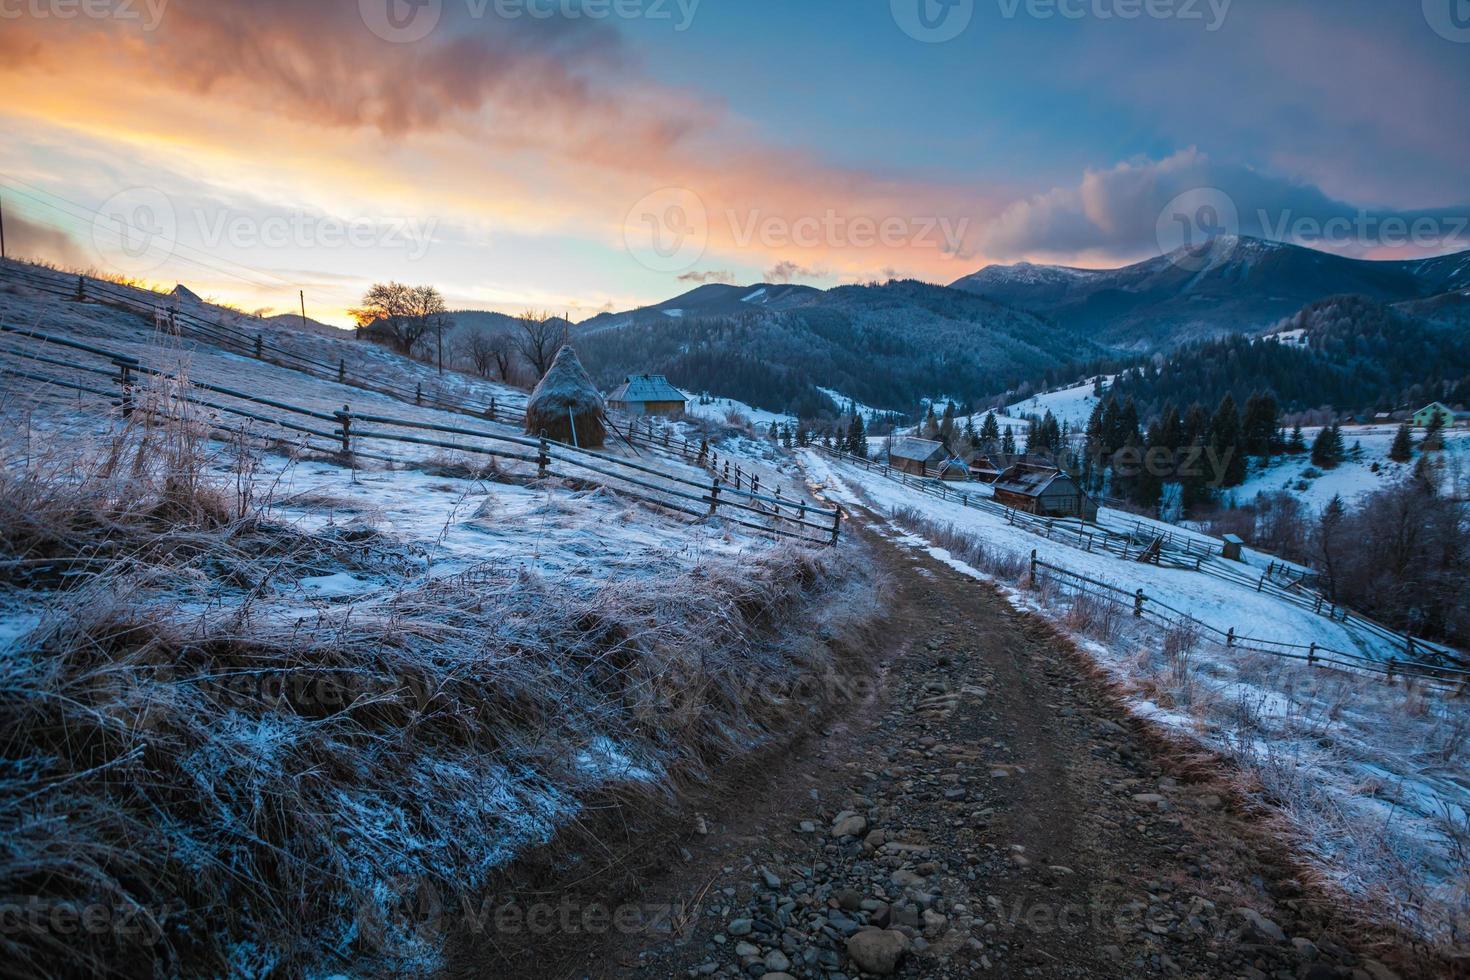 paysage d'hiver fantastique. ciel couvert dramatique. photo